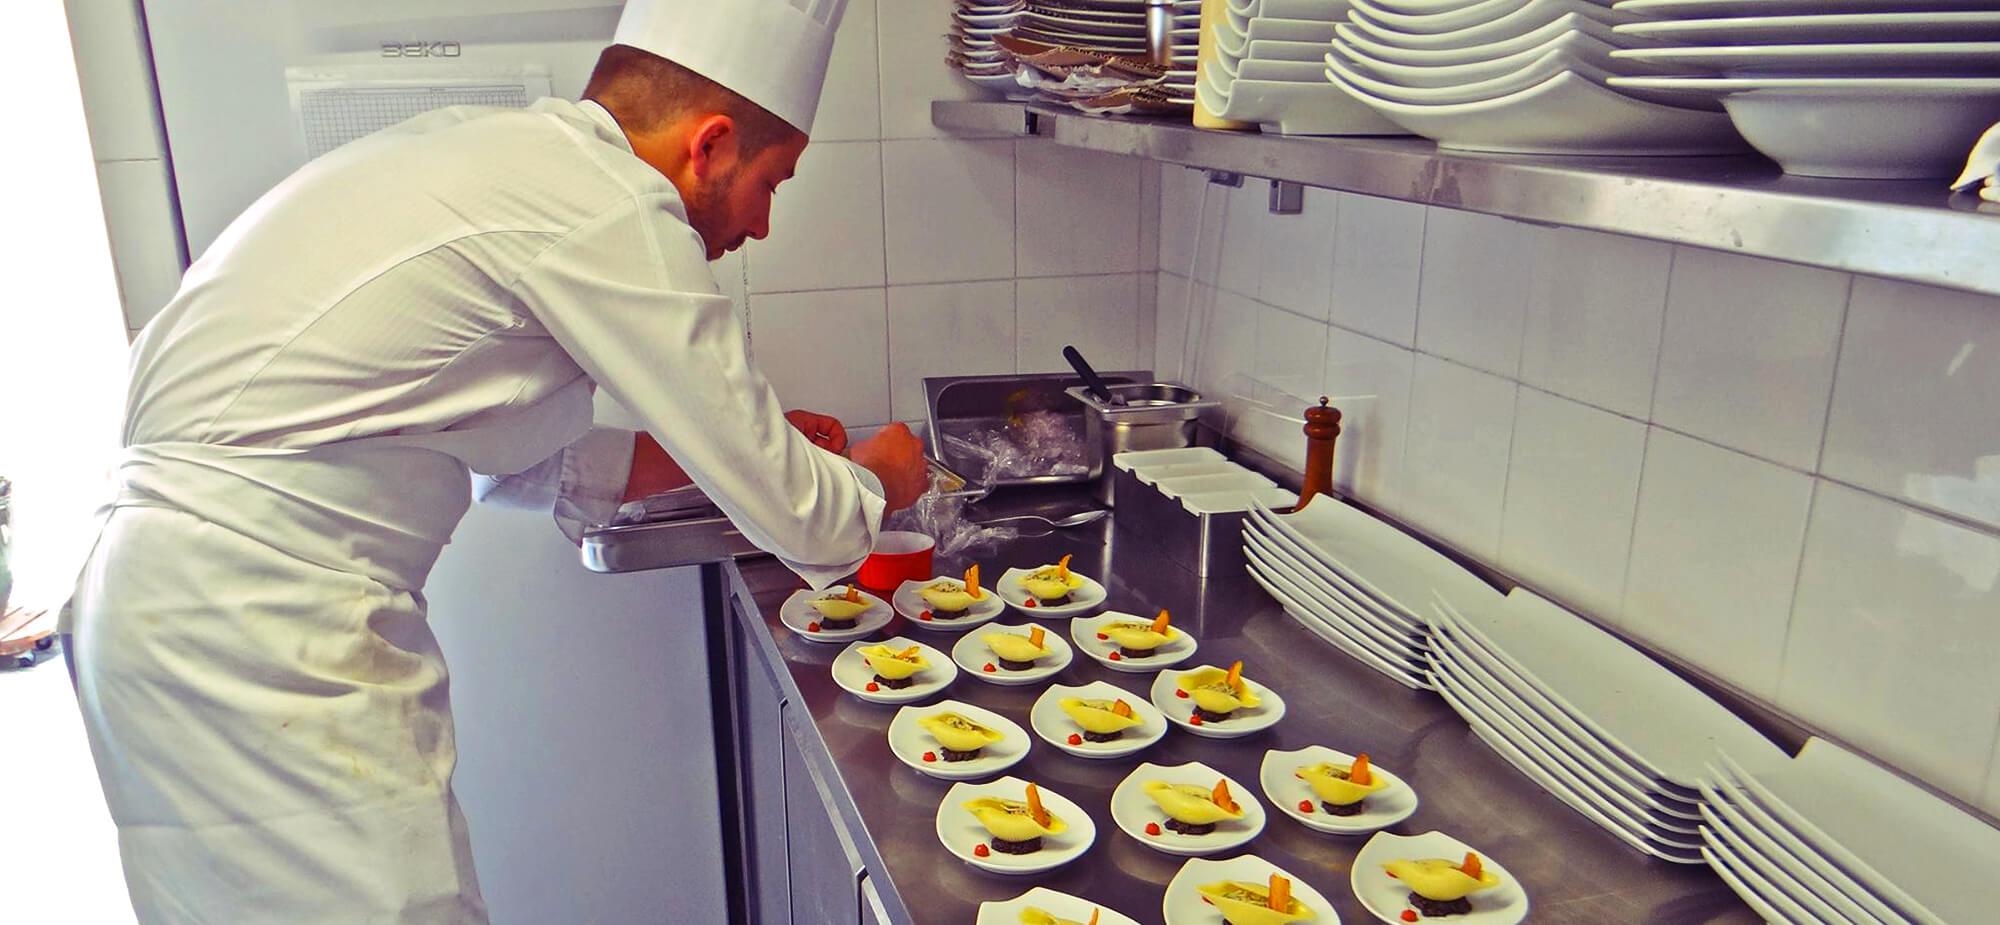 cuisine-boccafine